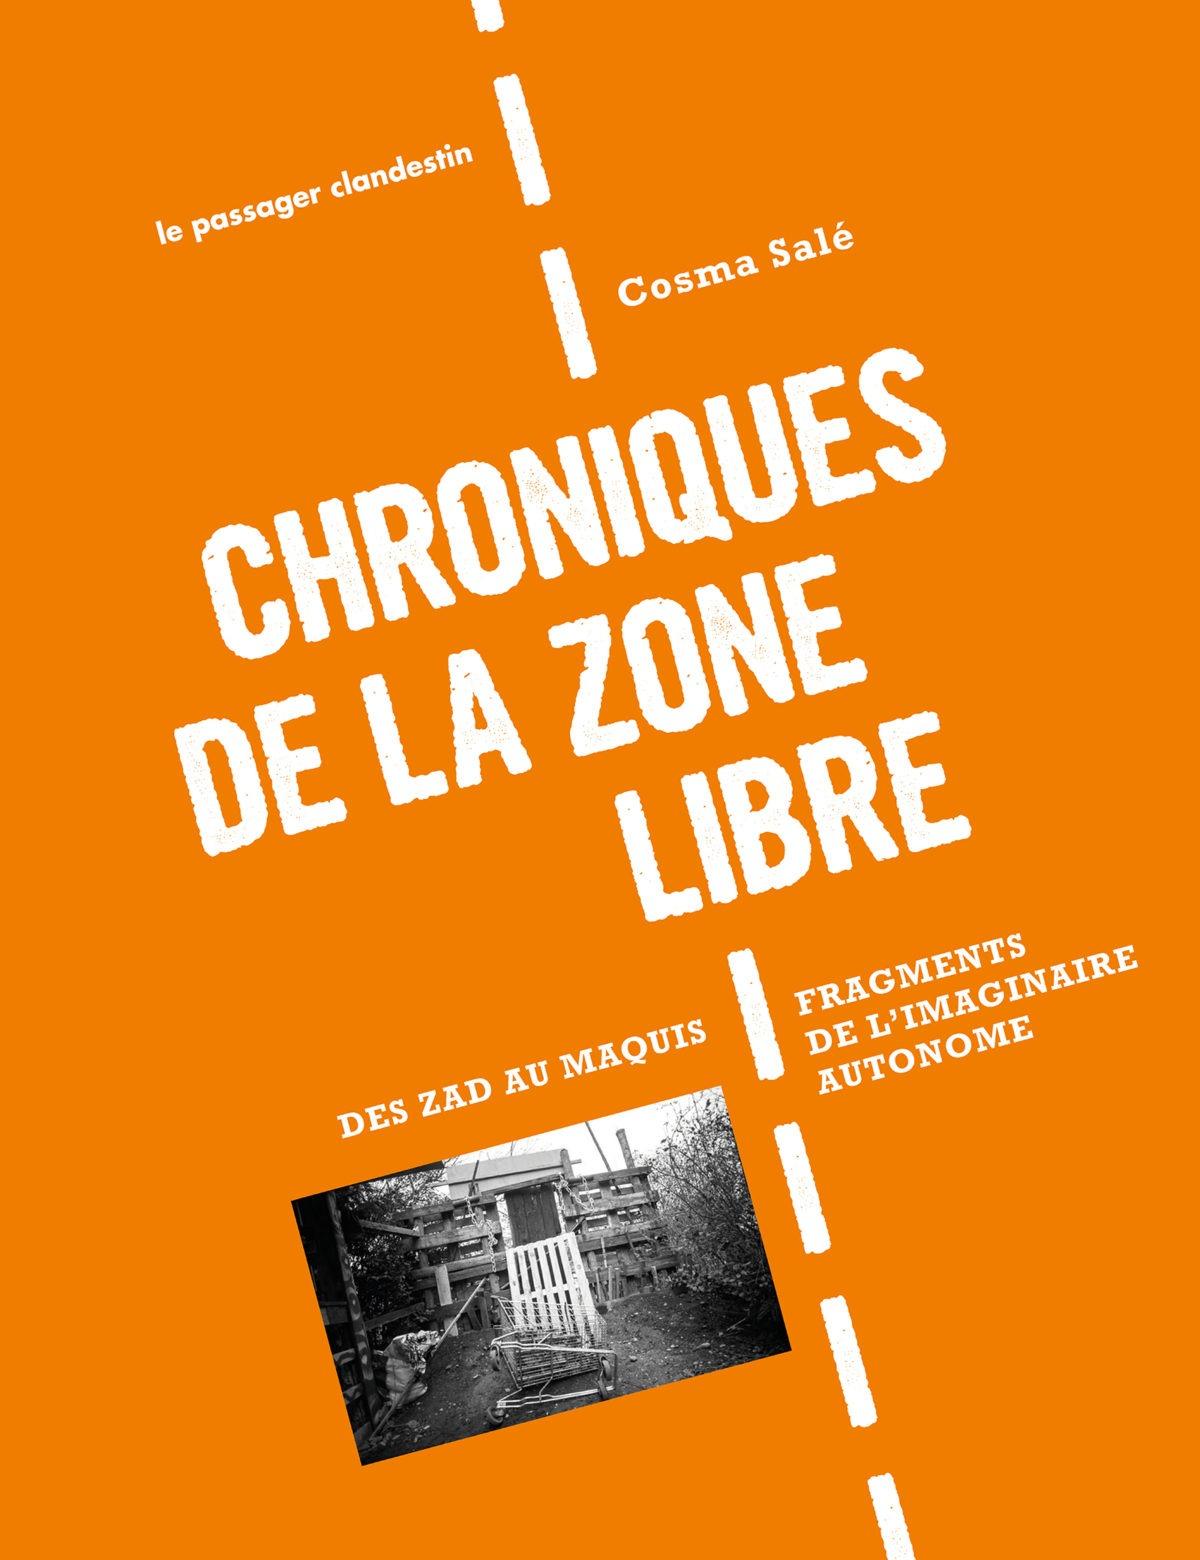 Chroniques de la zone libre - Des zad au maquis : fragments de l'imaginaire autonome